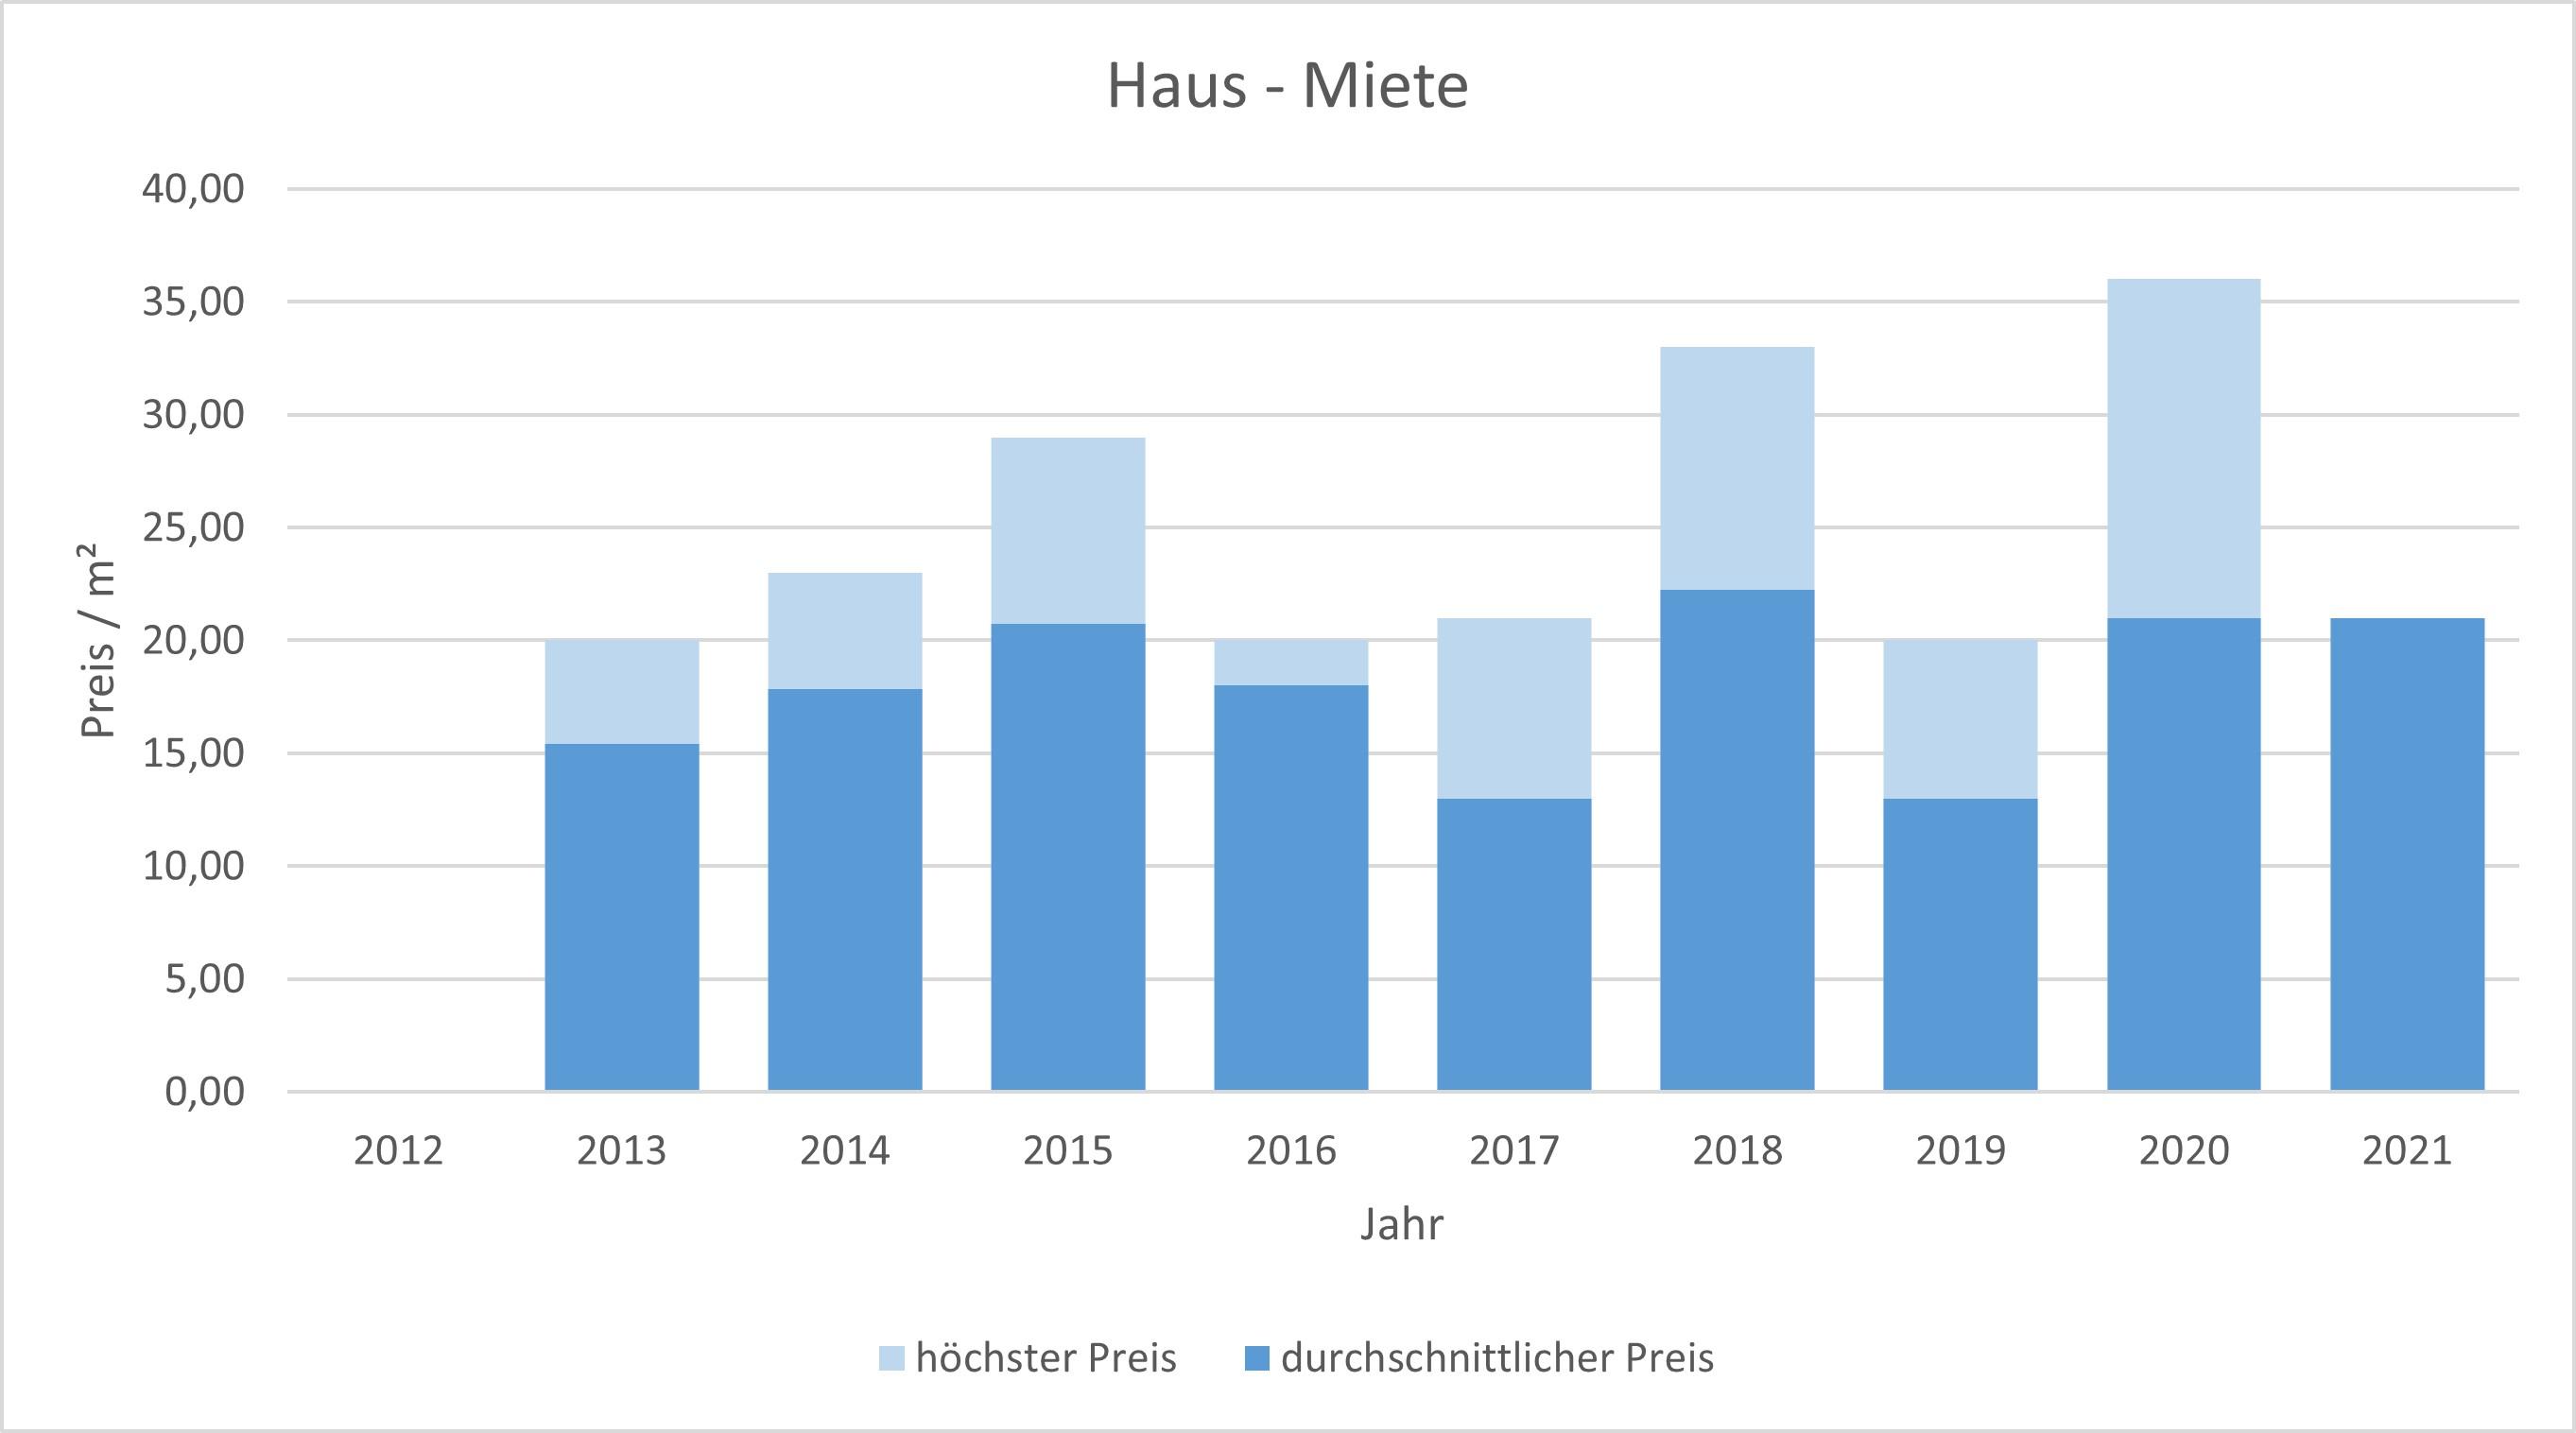 München - Au - Mariahilfplatz Haus mieten vermieten Preis Bewertung Makler 2019 2020 2021 www.happy-immo.de